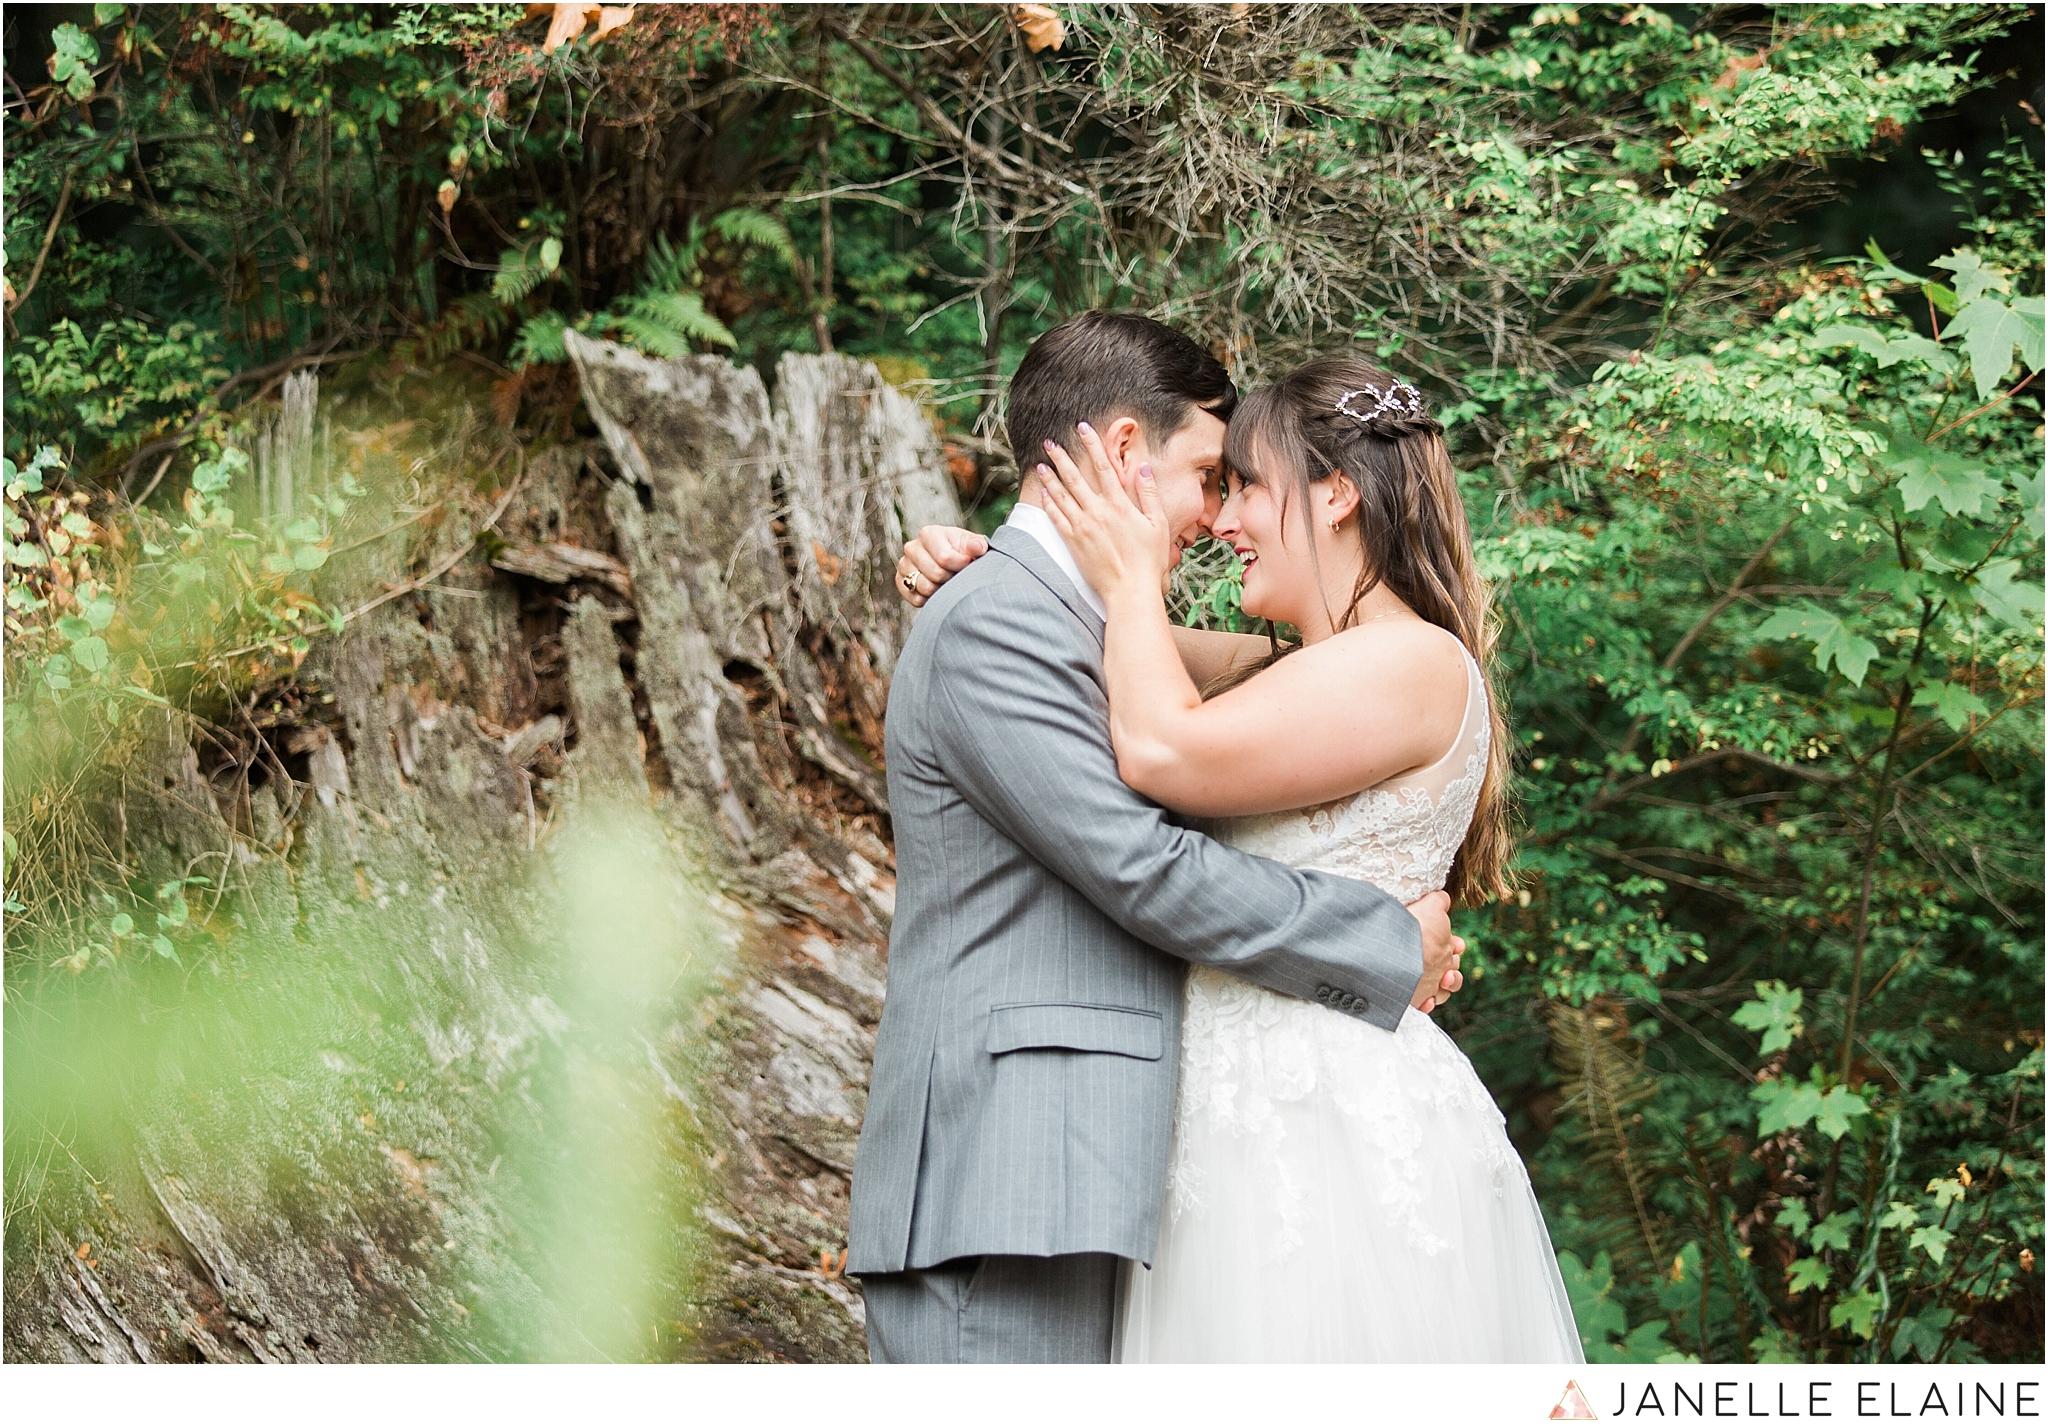 seattle-portrait-engagement-wedding-photographer-janelle-elaine-photography-21.jpg